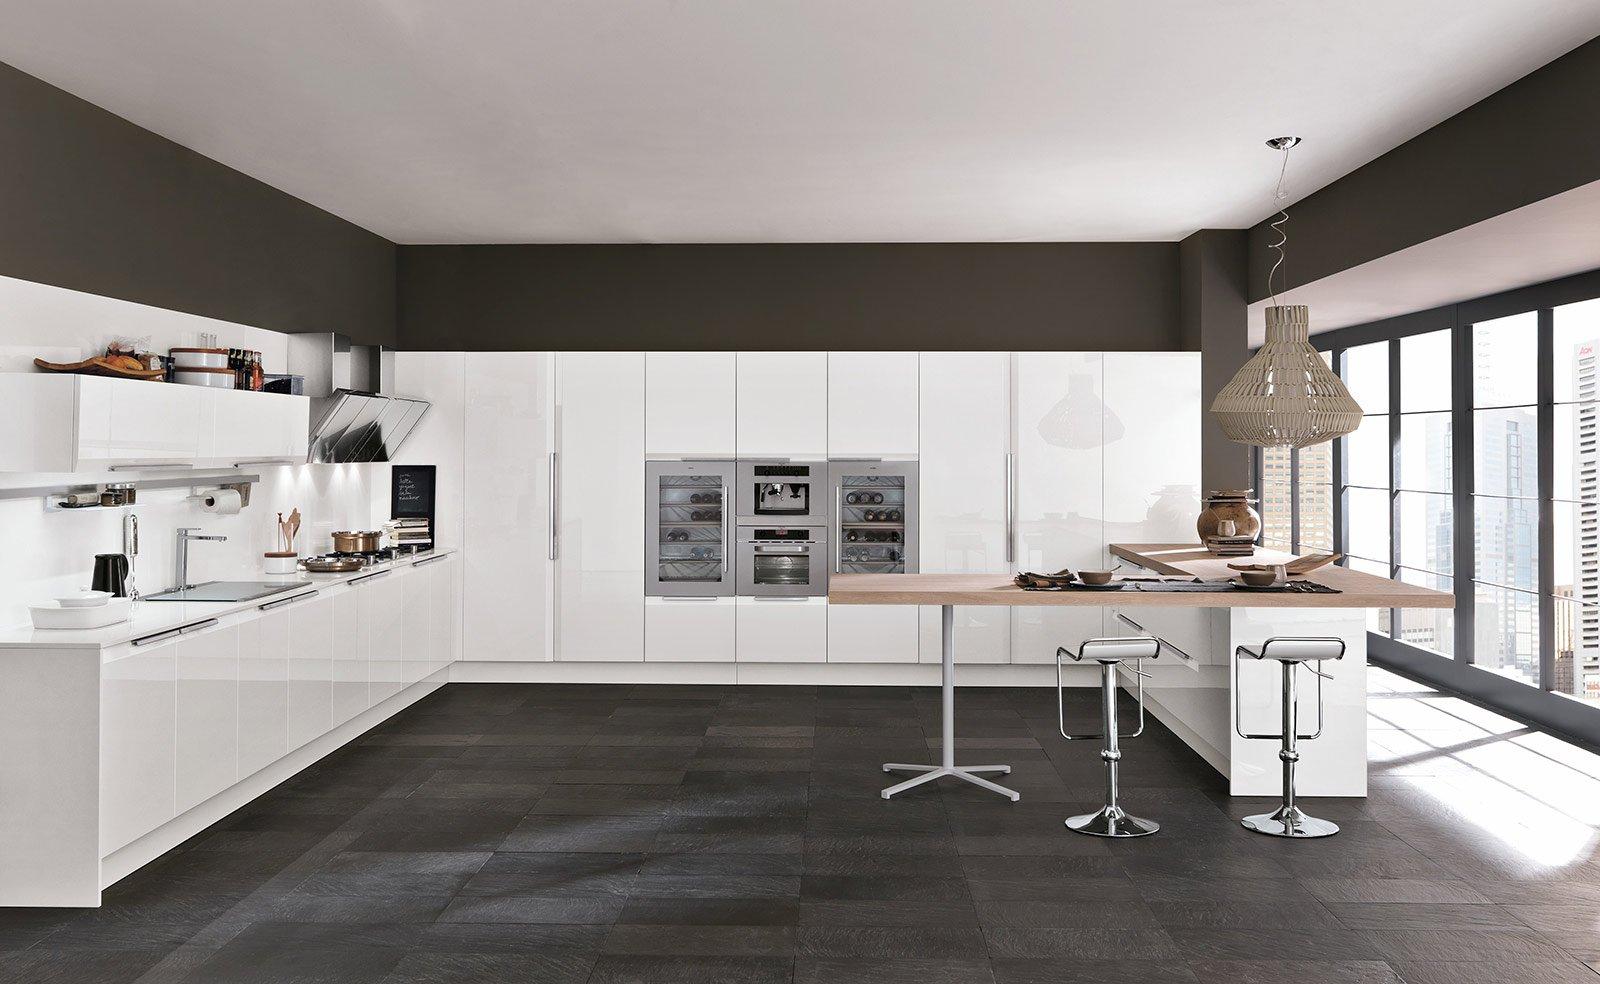 Cucine bianche moderne cose di casa - Cucine con dispensa ...